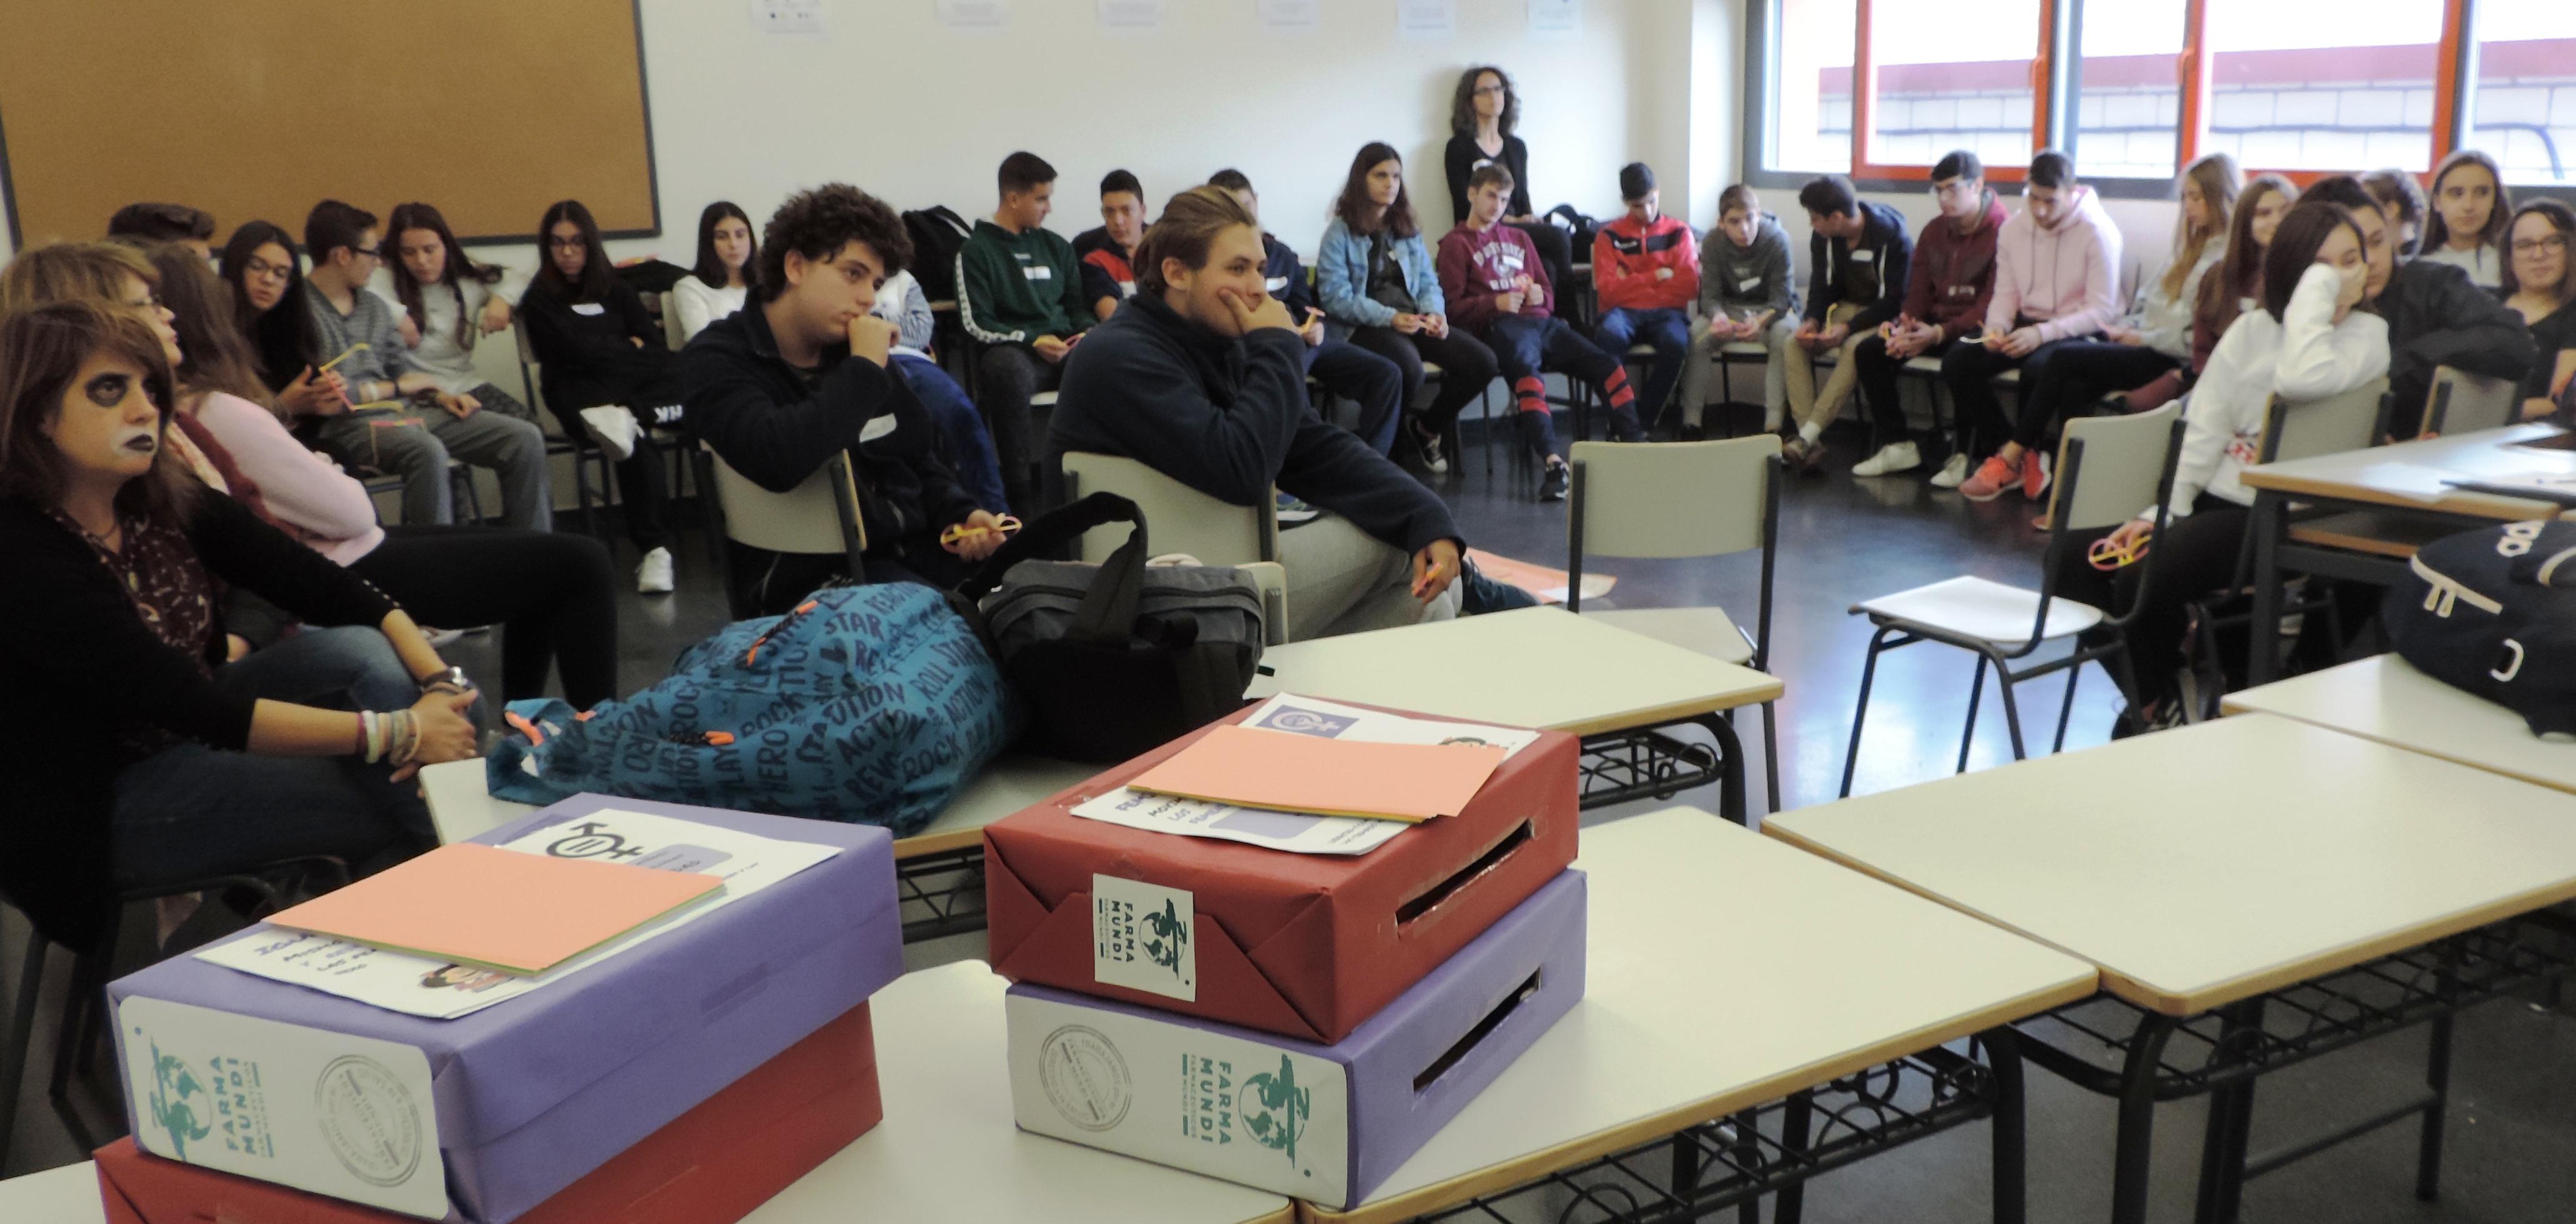 Adolescentes de Extremadura demandan más información en las aulas sobre equidad y feminismo